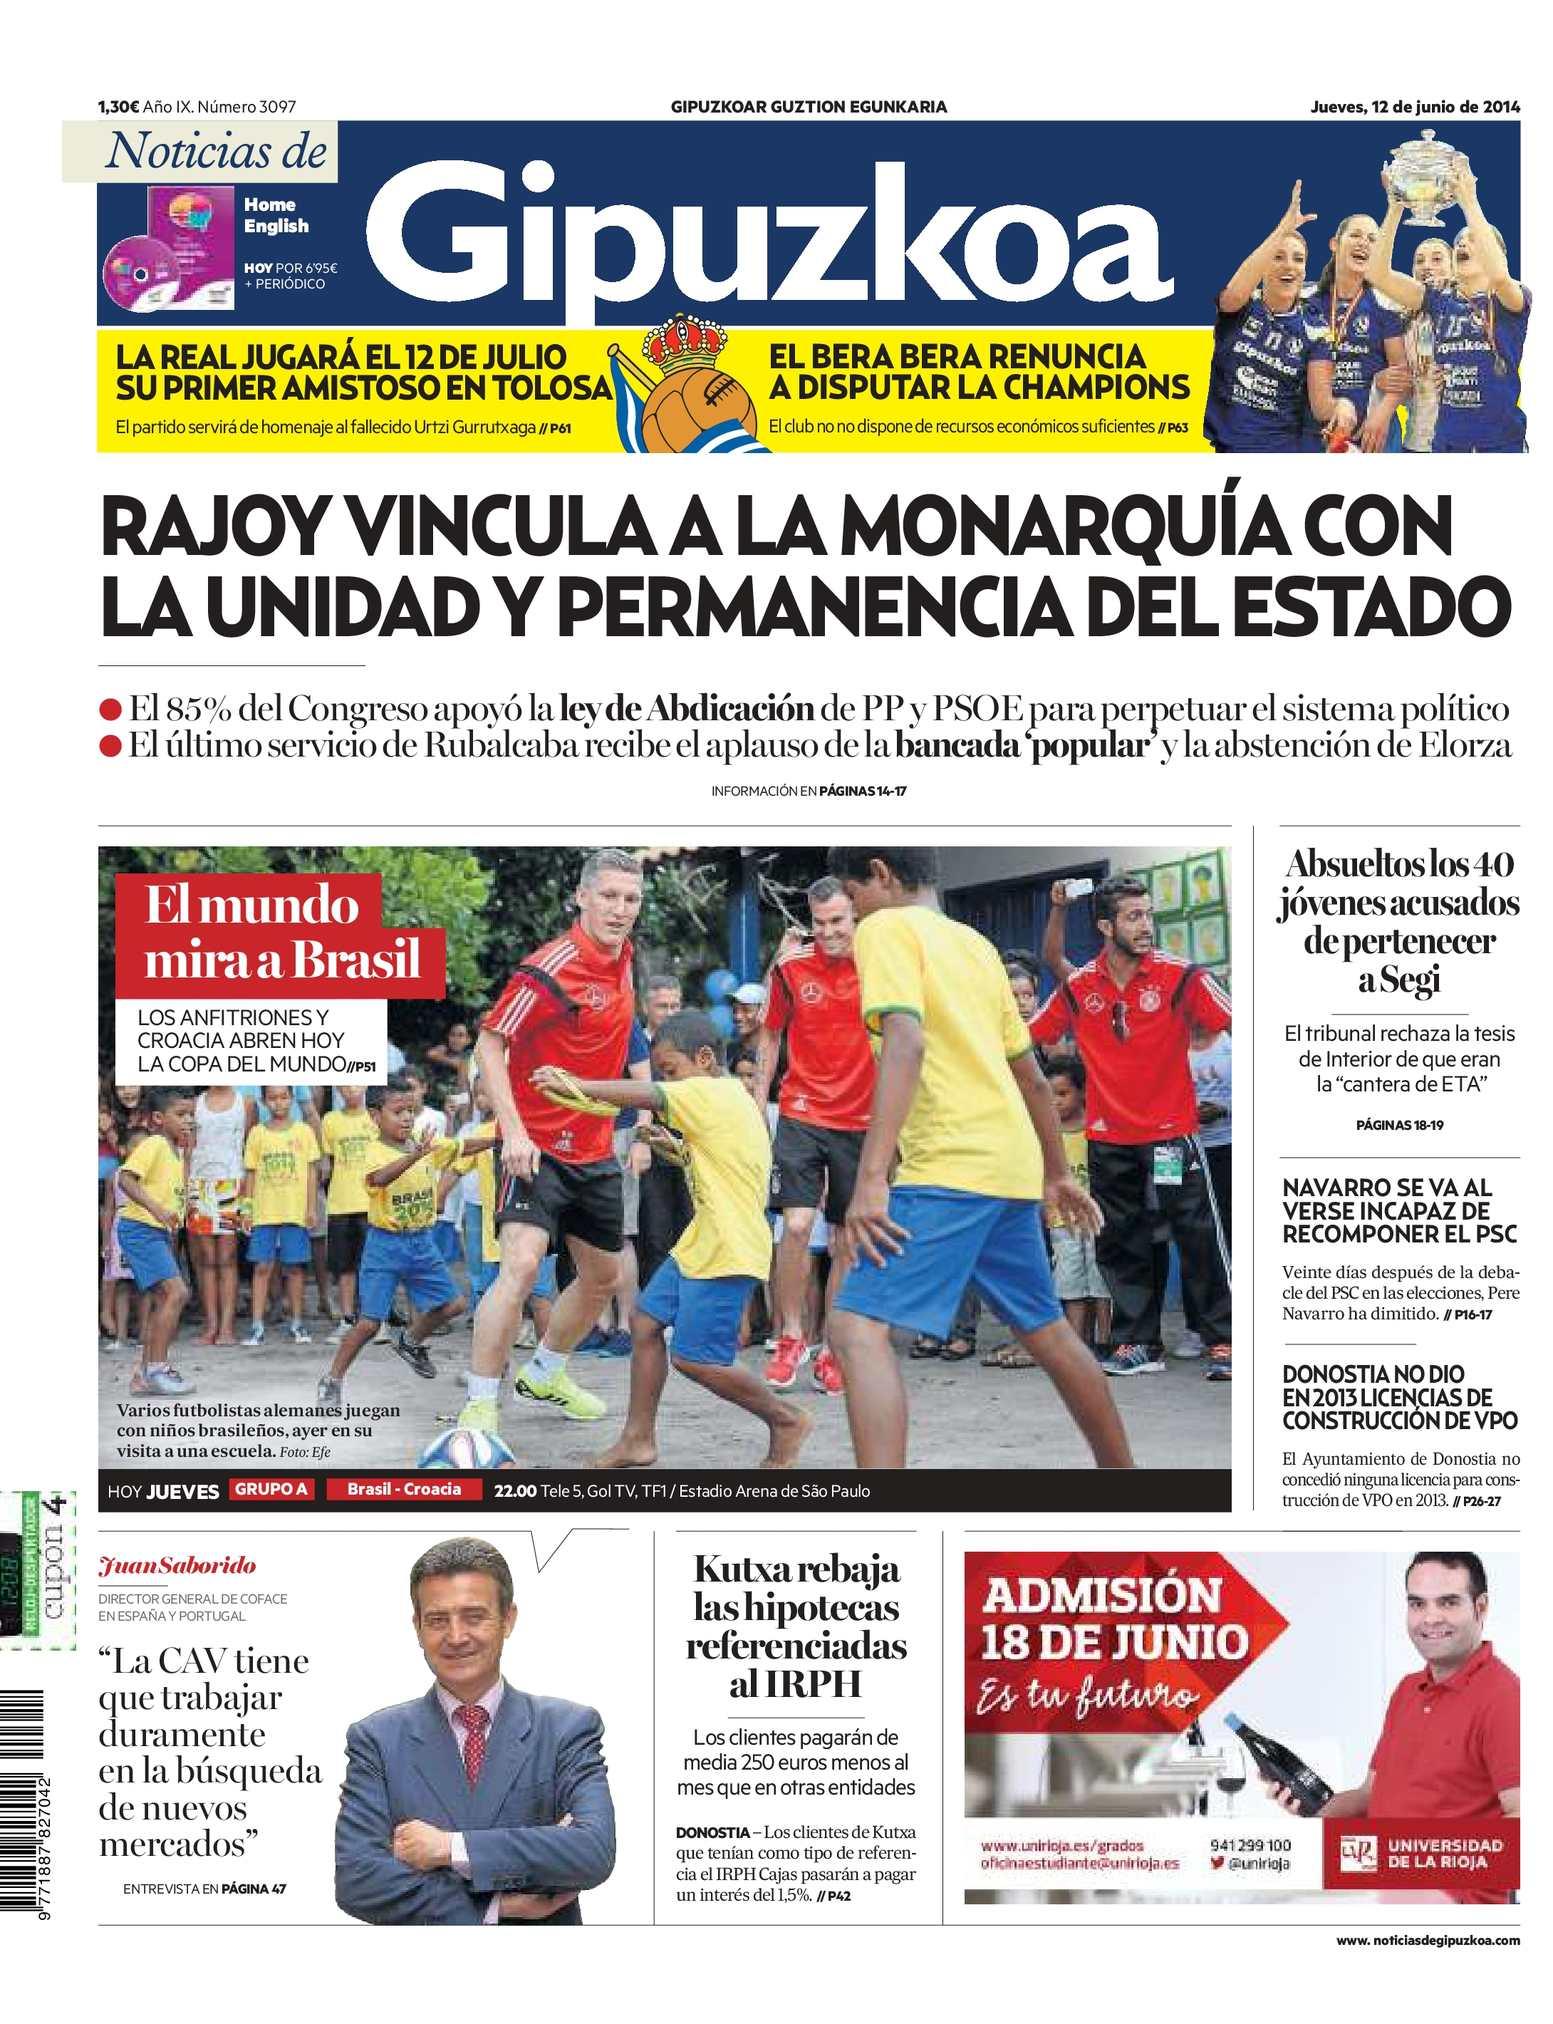 Calaméo - Noticias de Gipuzkoa 20140612 a01947c04279b